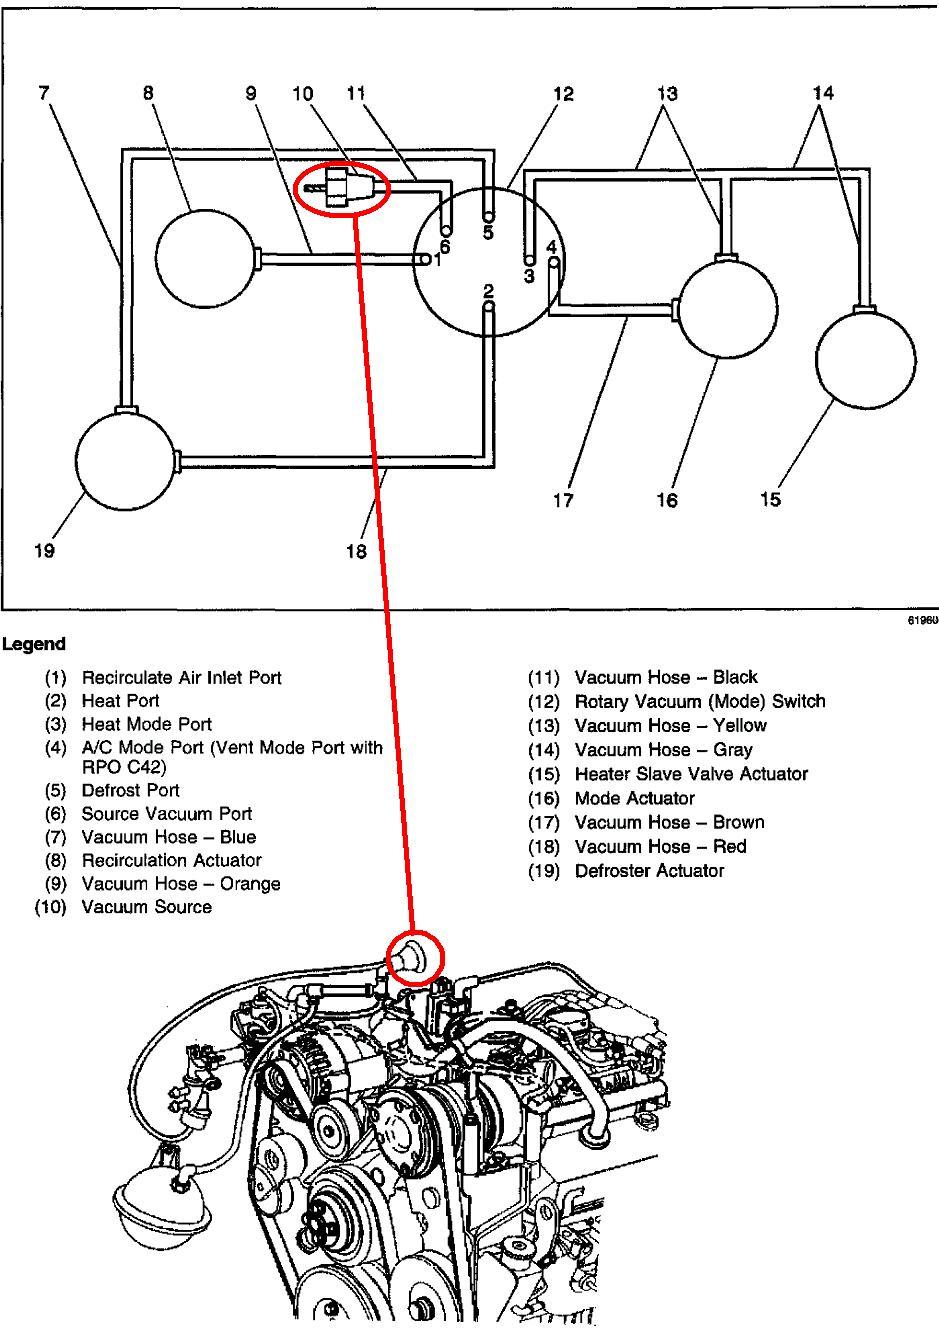 Diagram Ignition Diagram 2000 Astro Full Version Hd Quality 2000 Astro Diagrampalmam U Nite It